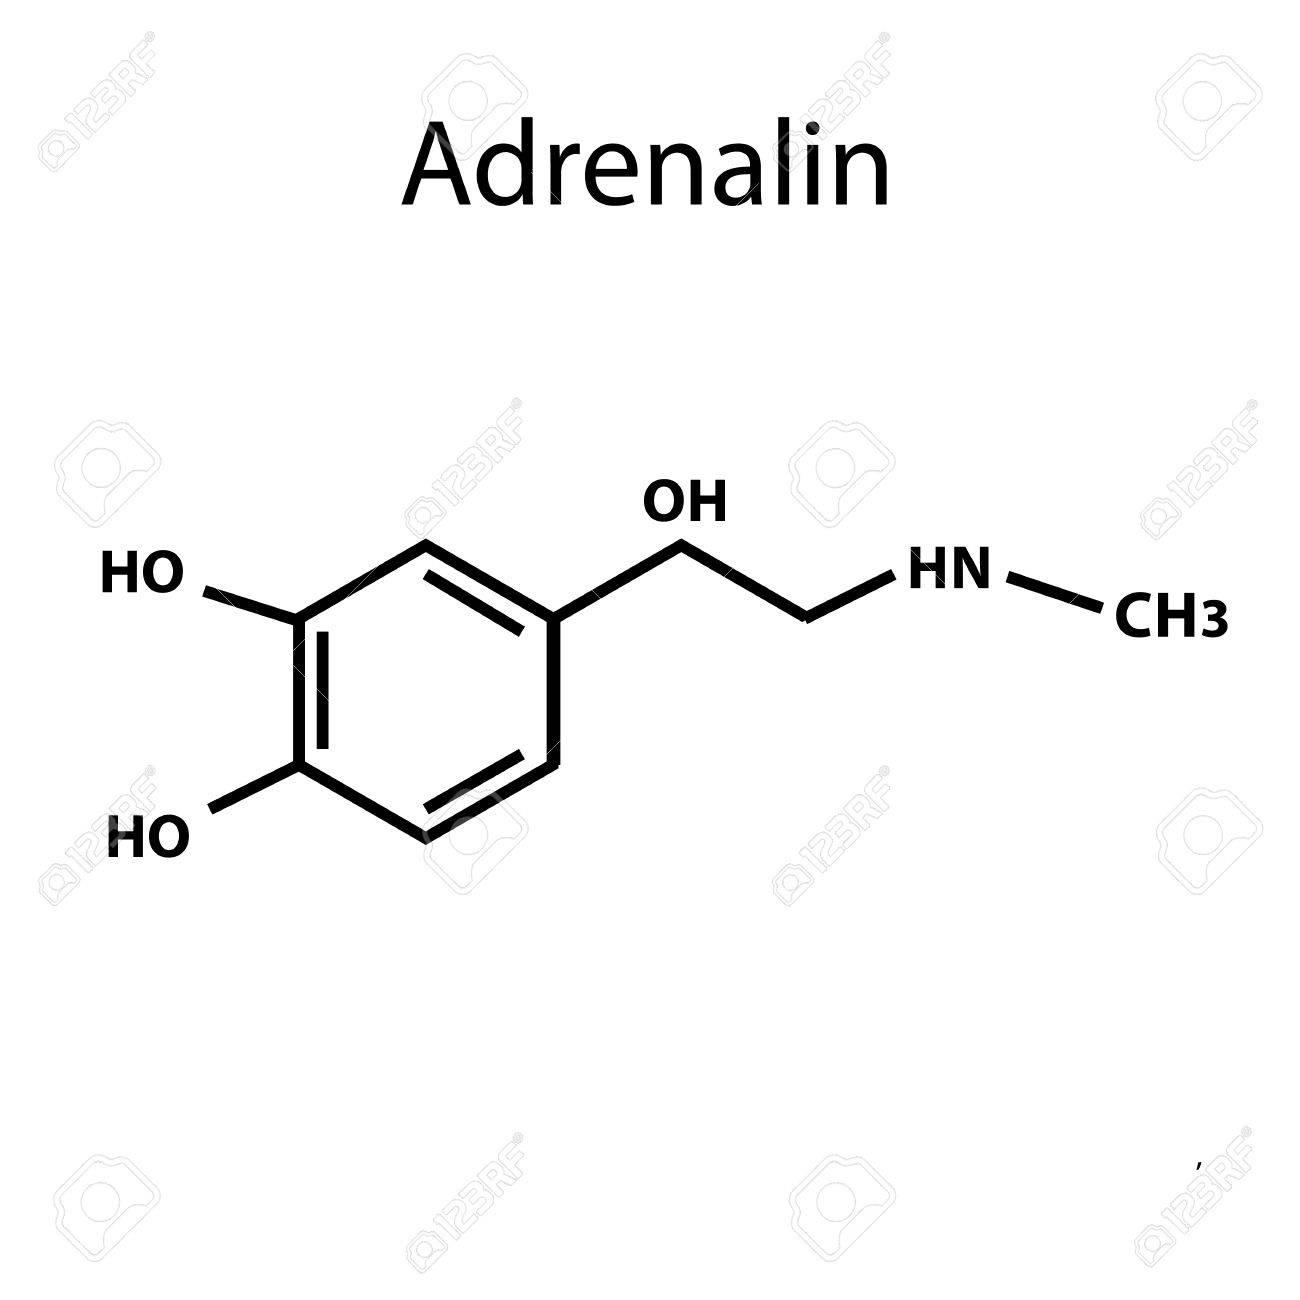 La Adrenalina Es Una Hormona Fórmula Química Ilustración De Vector Sobre Fondo Aislado